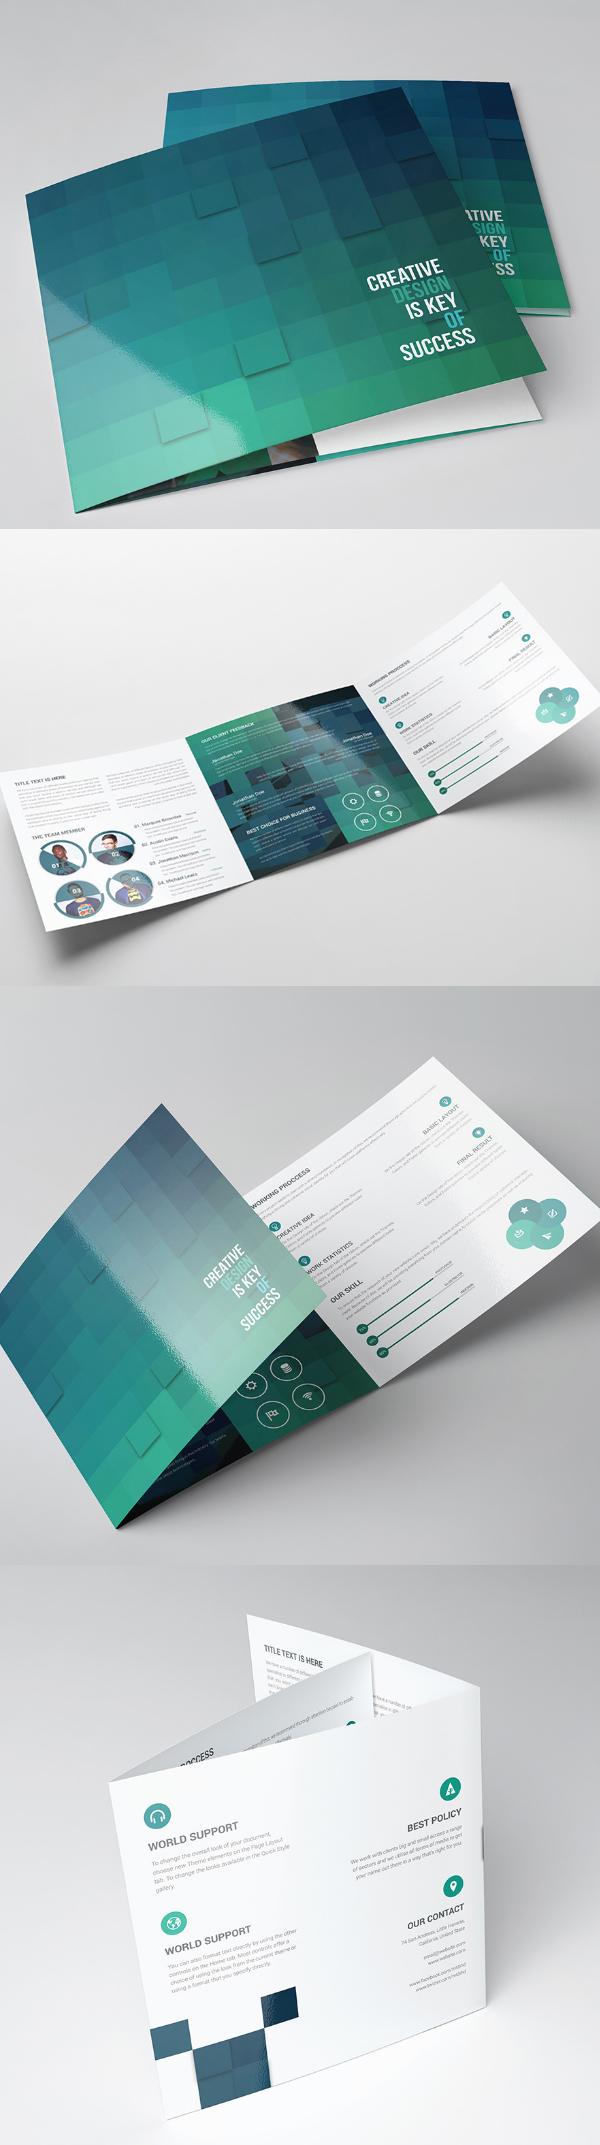 上海画册设计公司创意画册- 横版数字风格三页宣传册设计模板